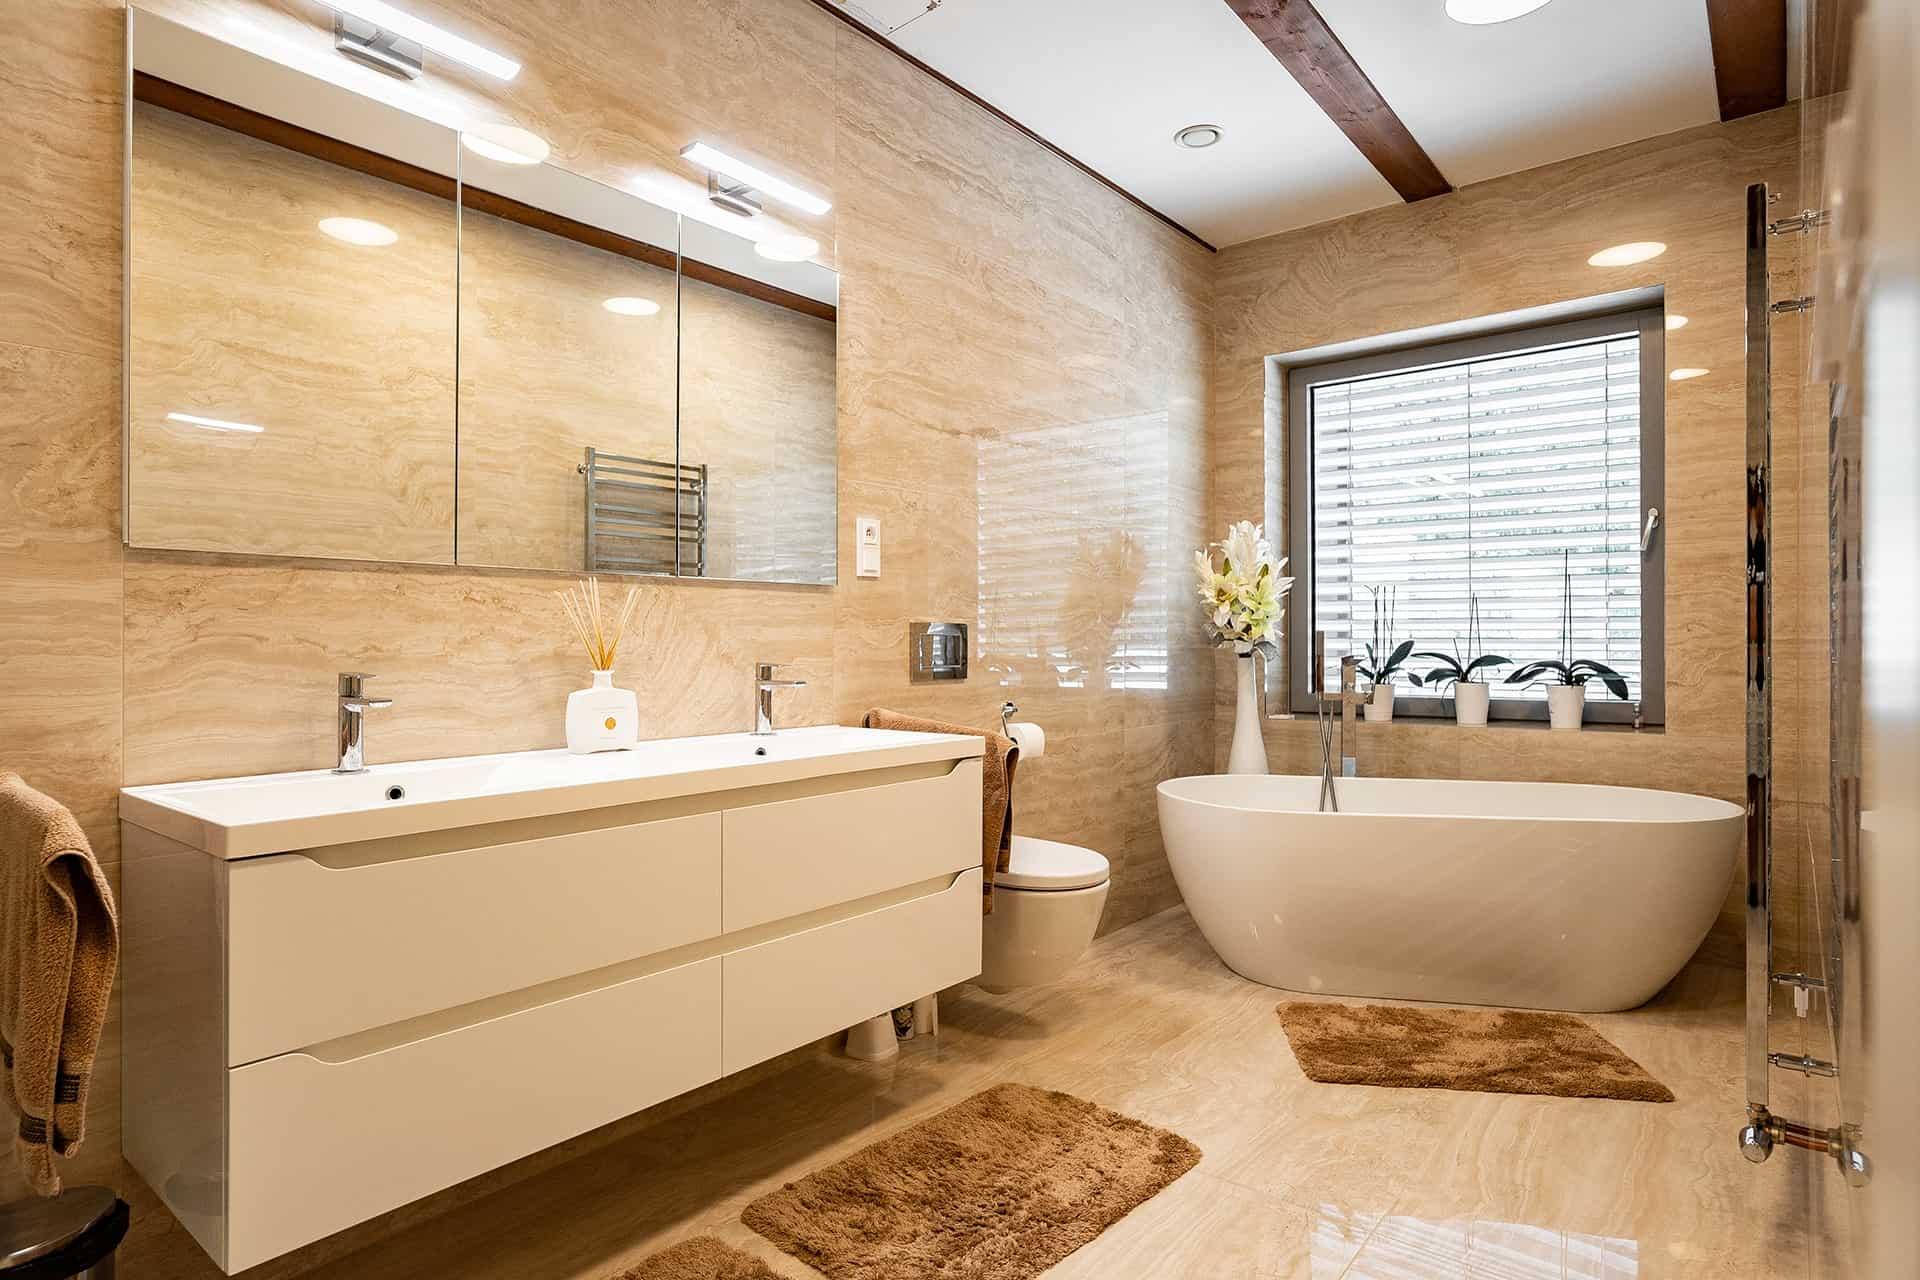 Travertin v koupelně